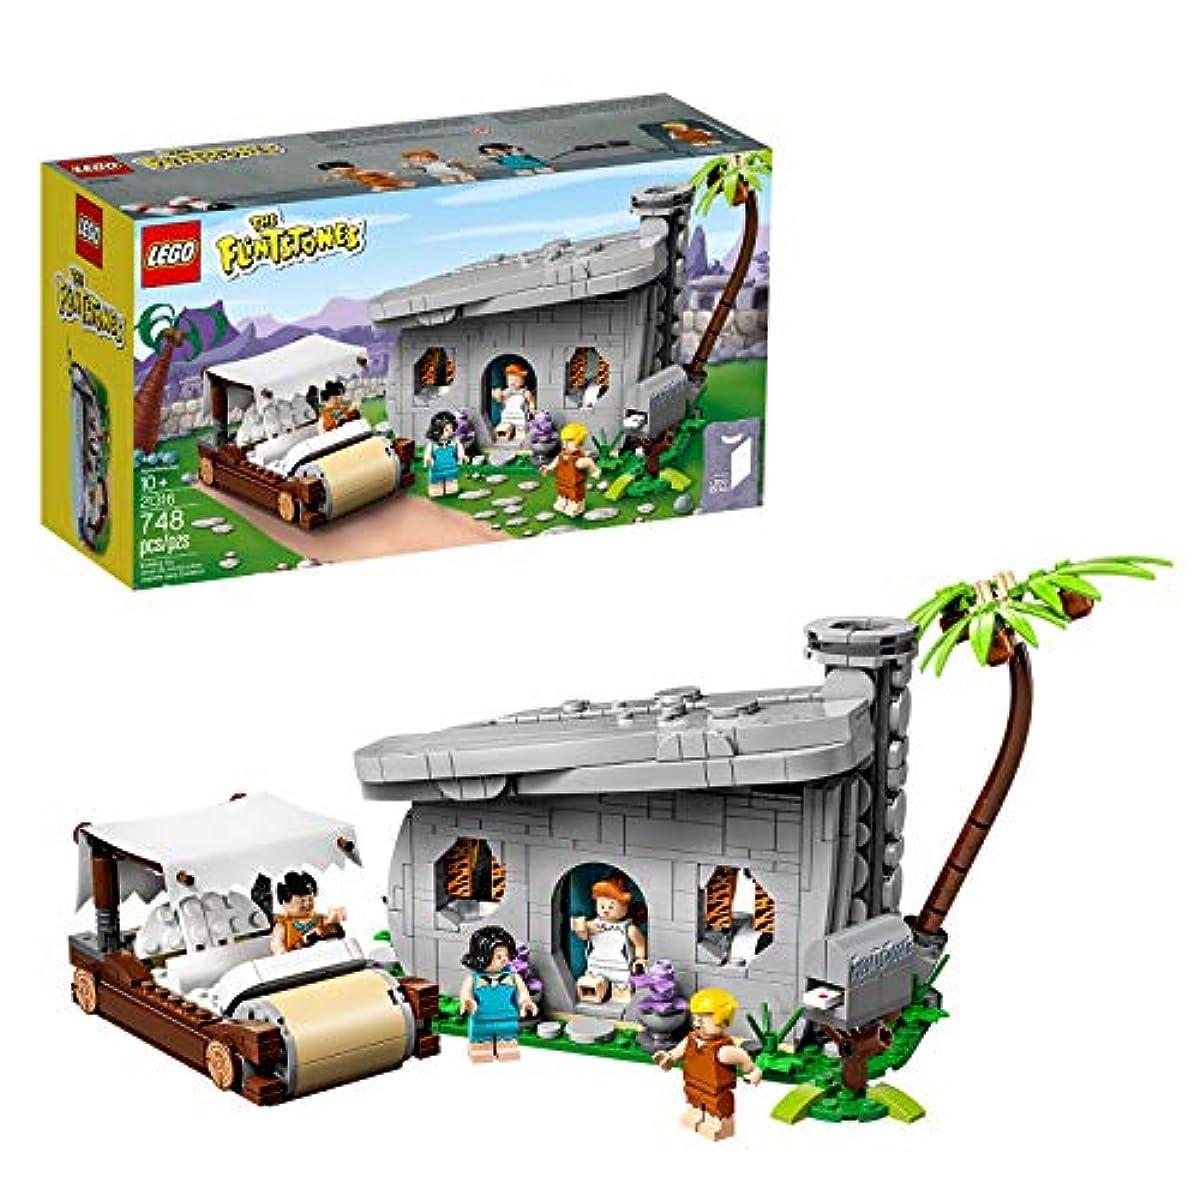 [해외] 레고(LEGO) 아이디어 원시 가족 플린트 doll 21316 블럭 장난감